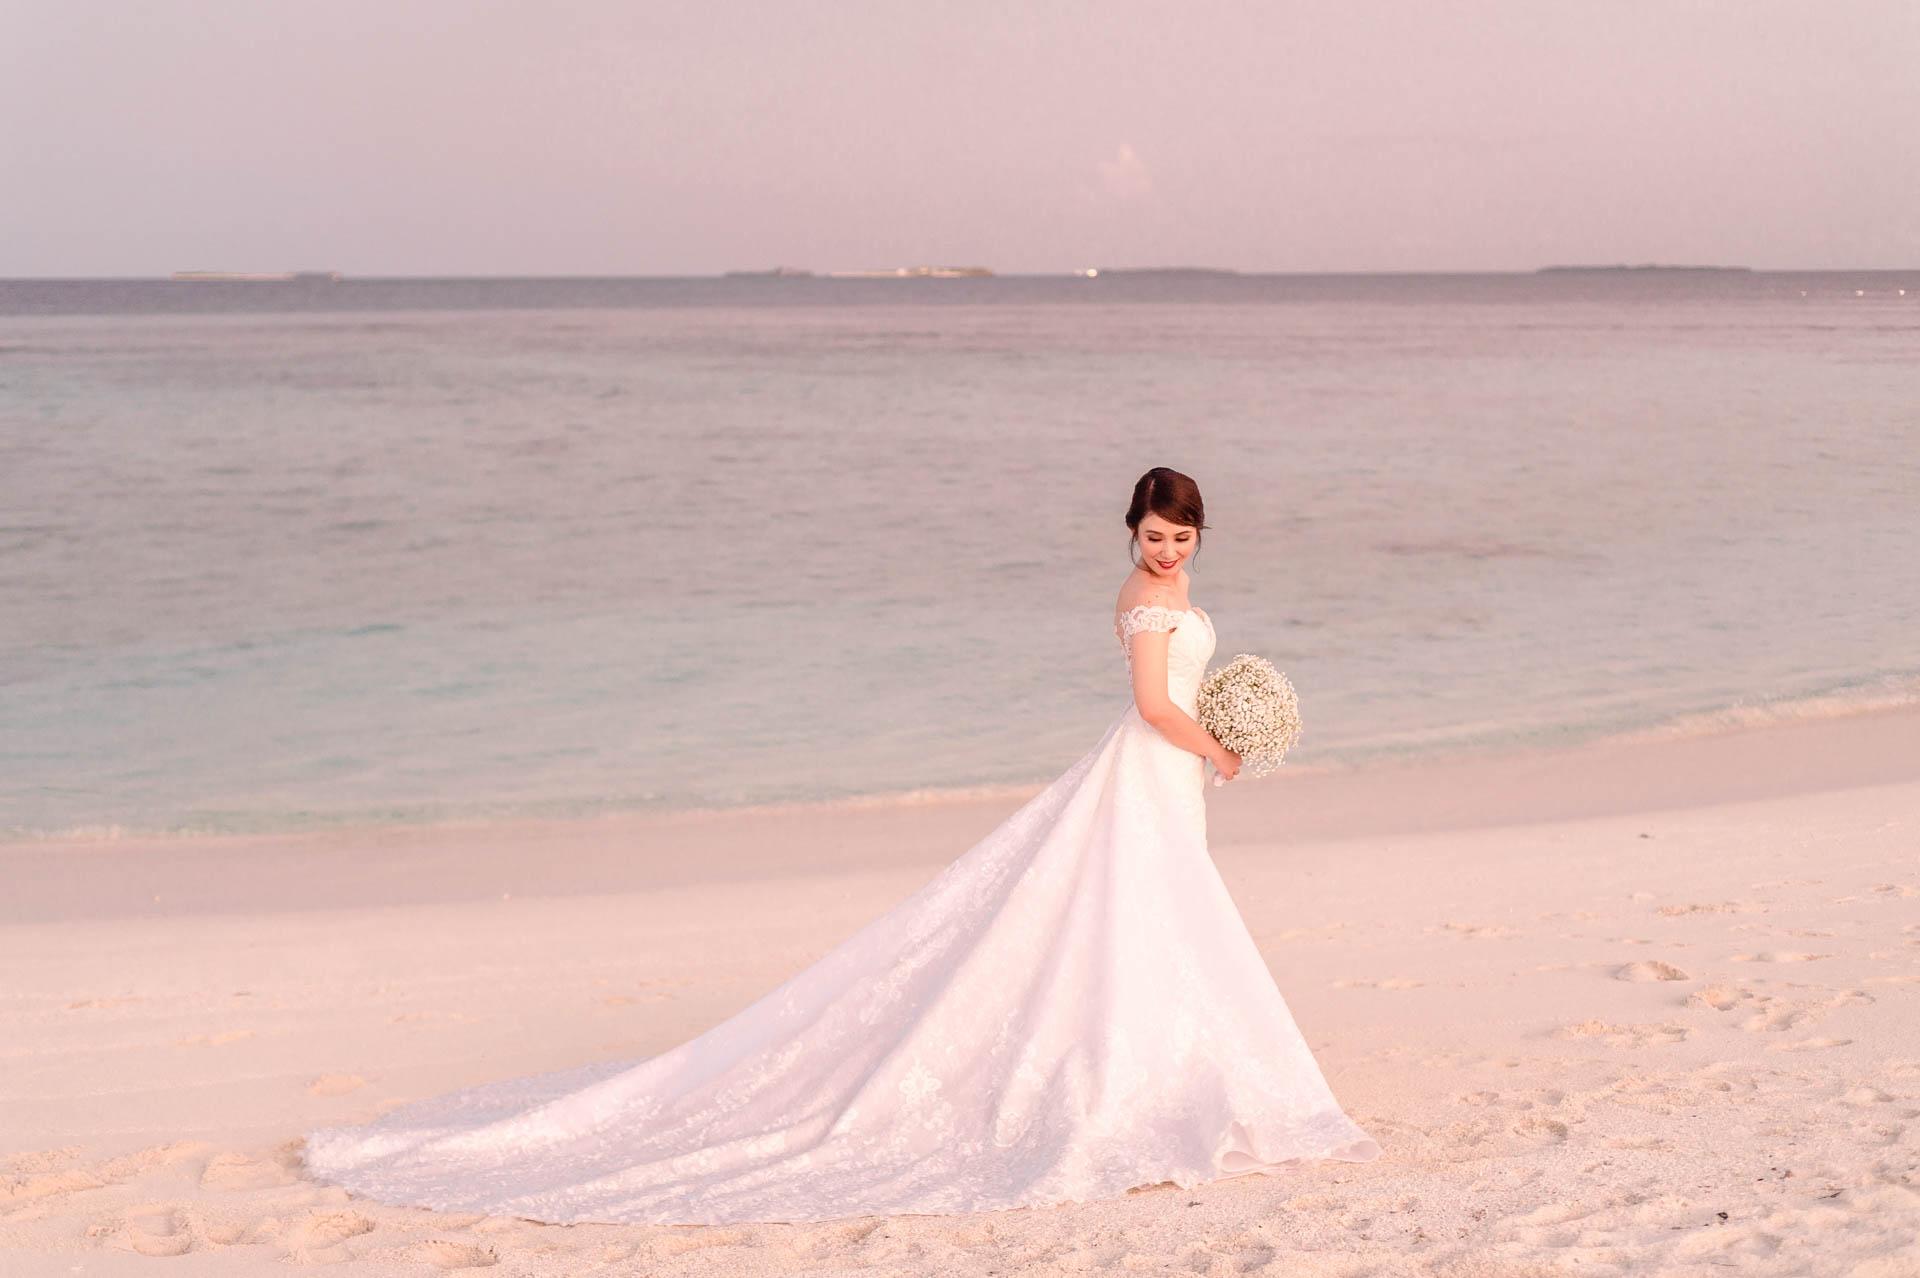 Nuah Angel Maldives Wedding at Reethi Faru Resort by Asad 495